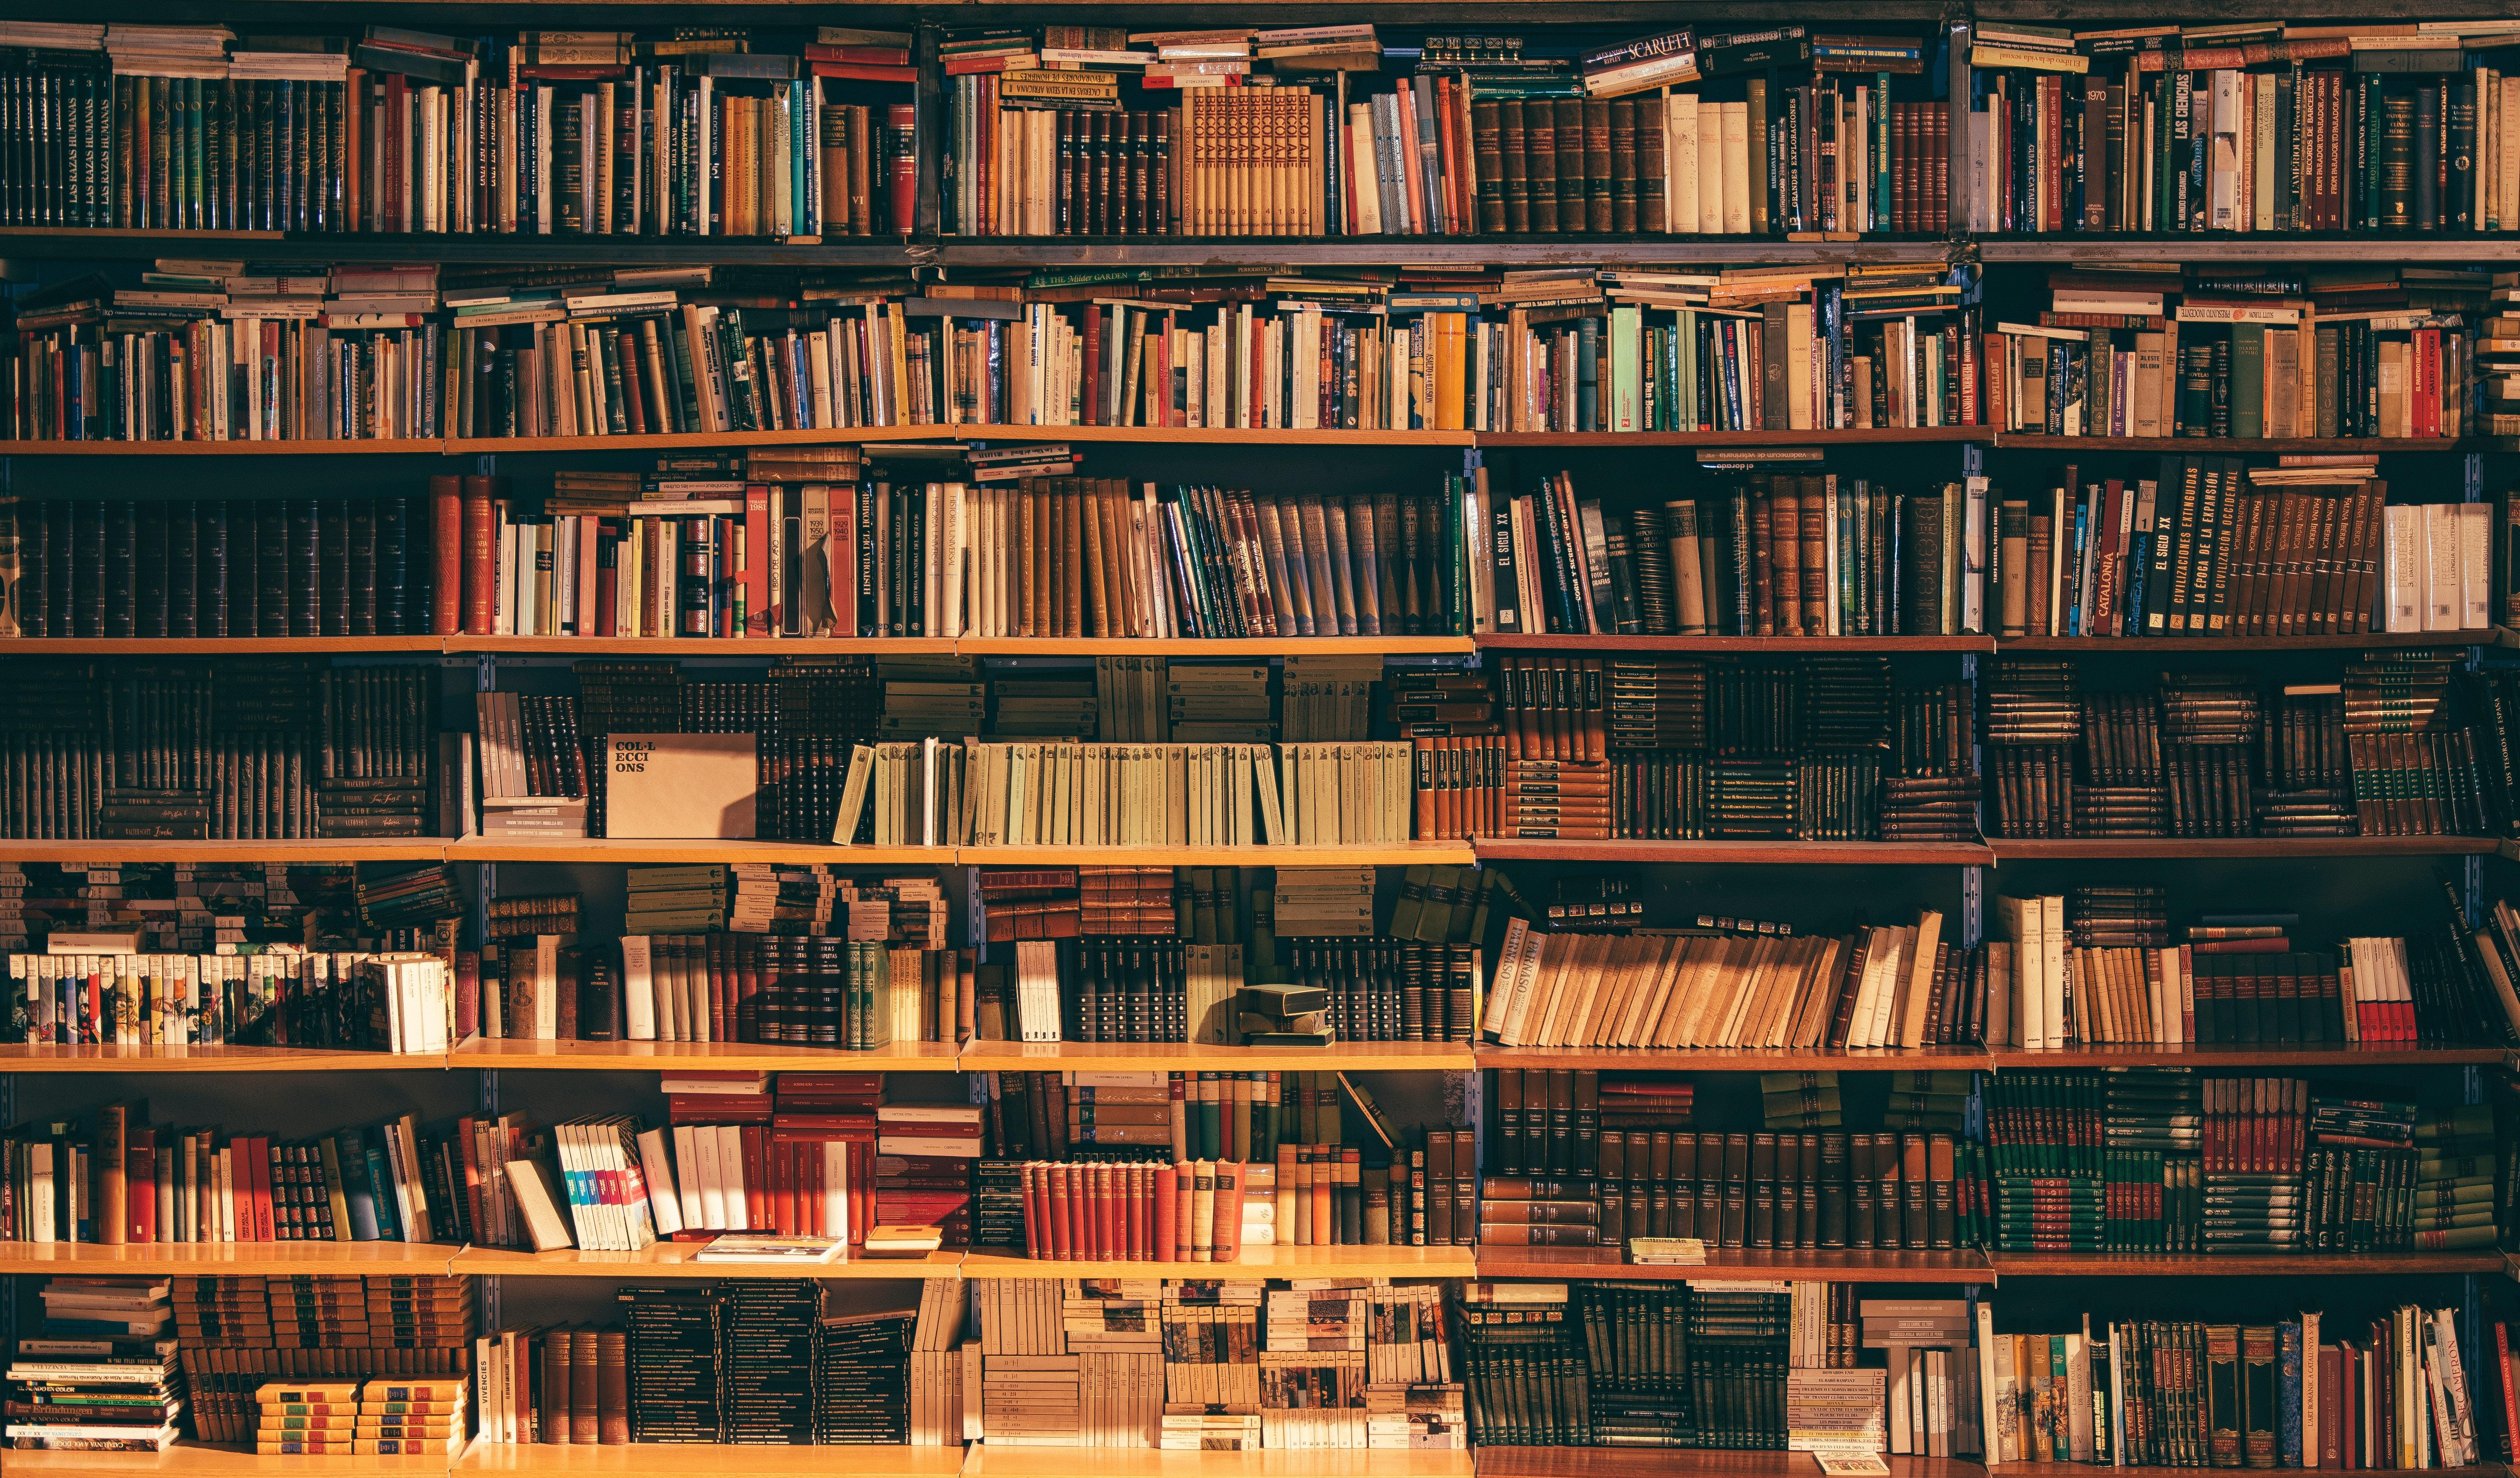 Imagem de uma biblioteca